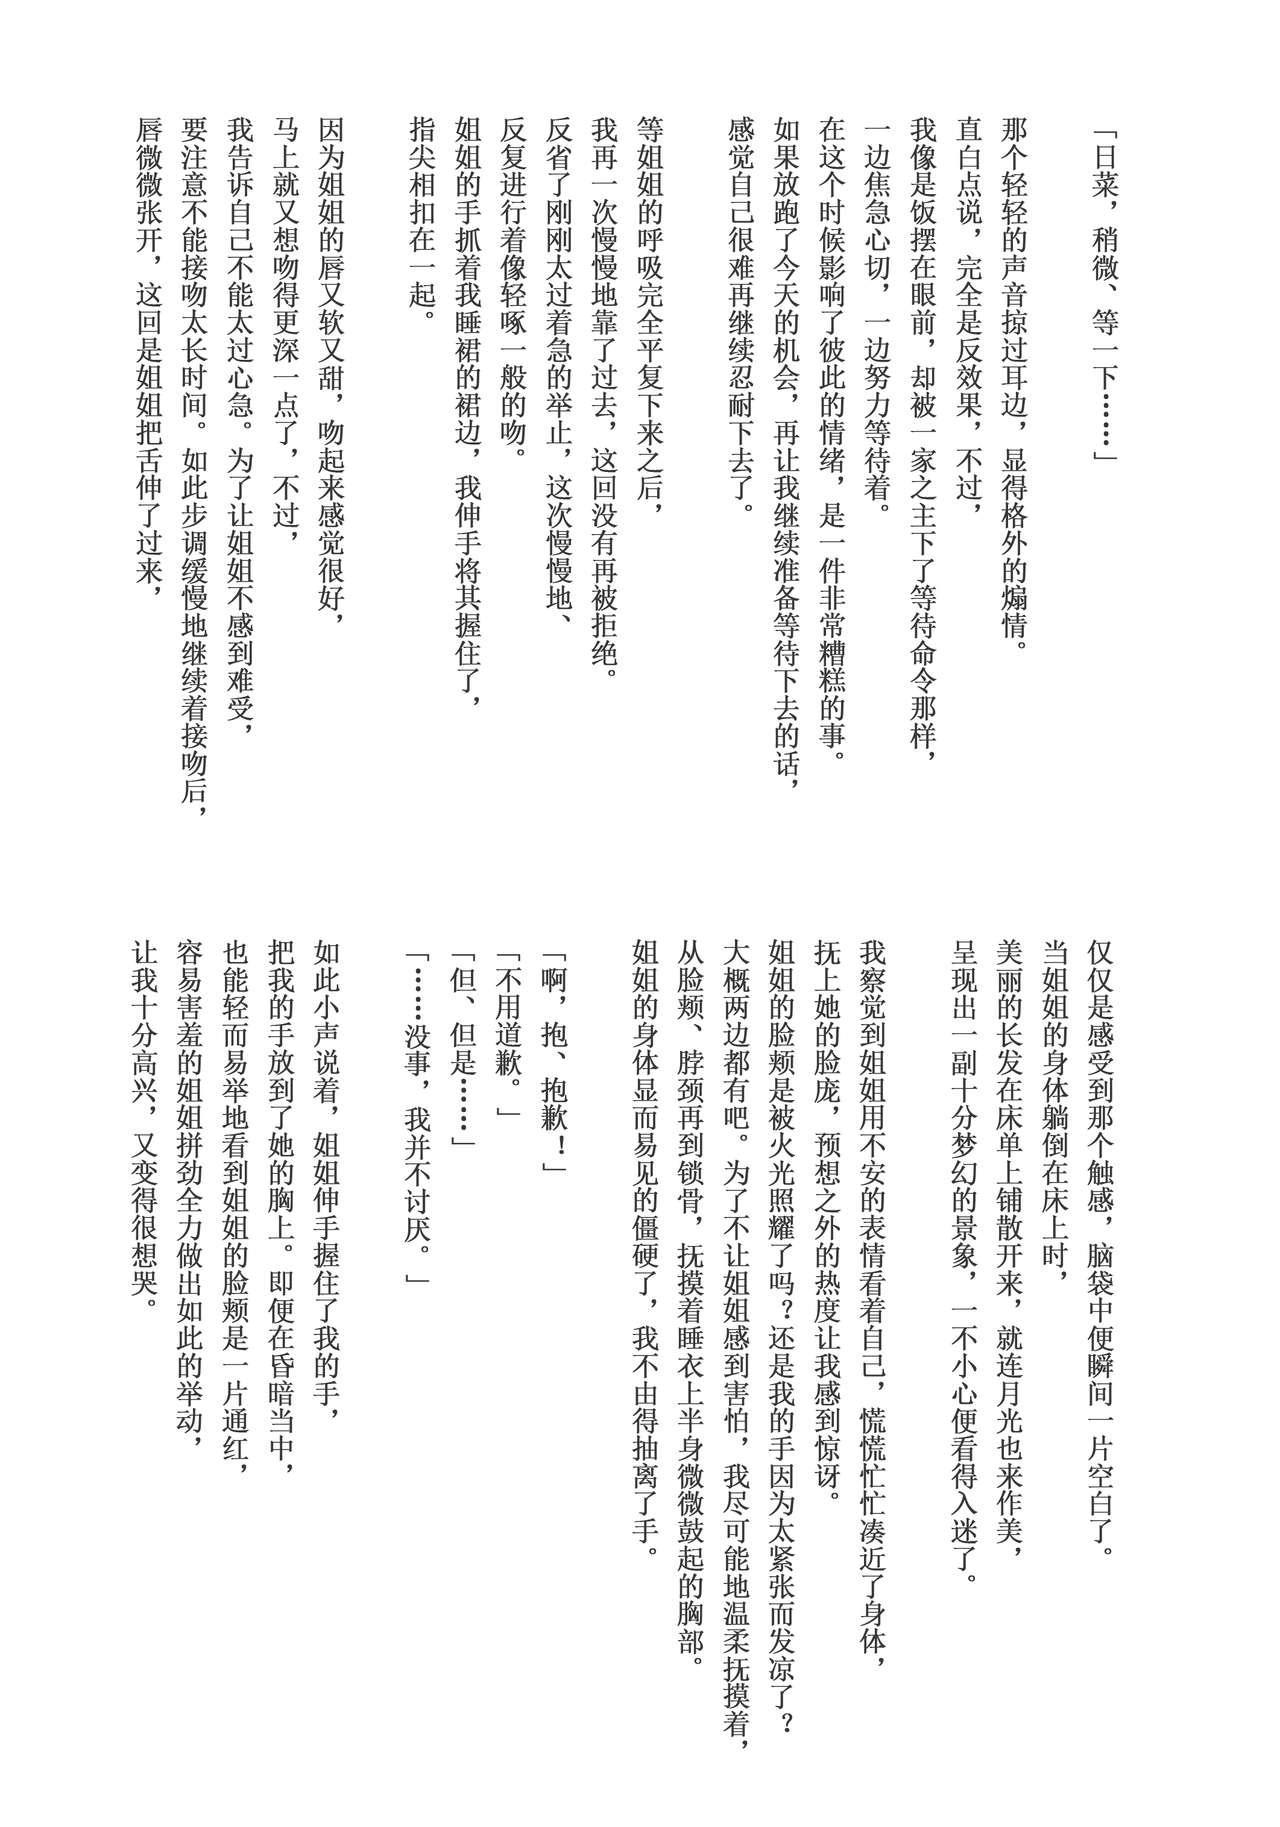 氷川姉妹18禁合同「今日は一緒に寝てもいい?」 86